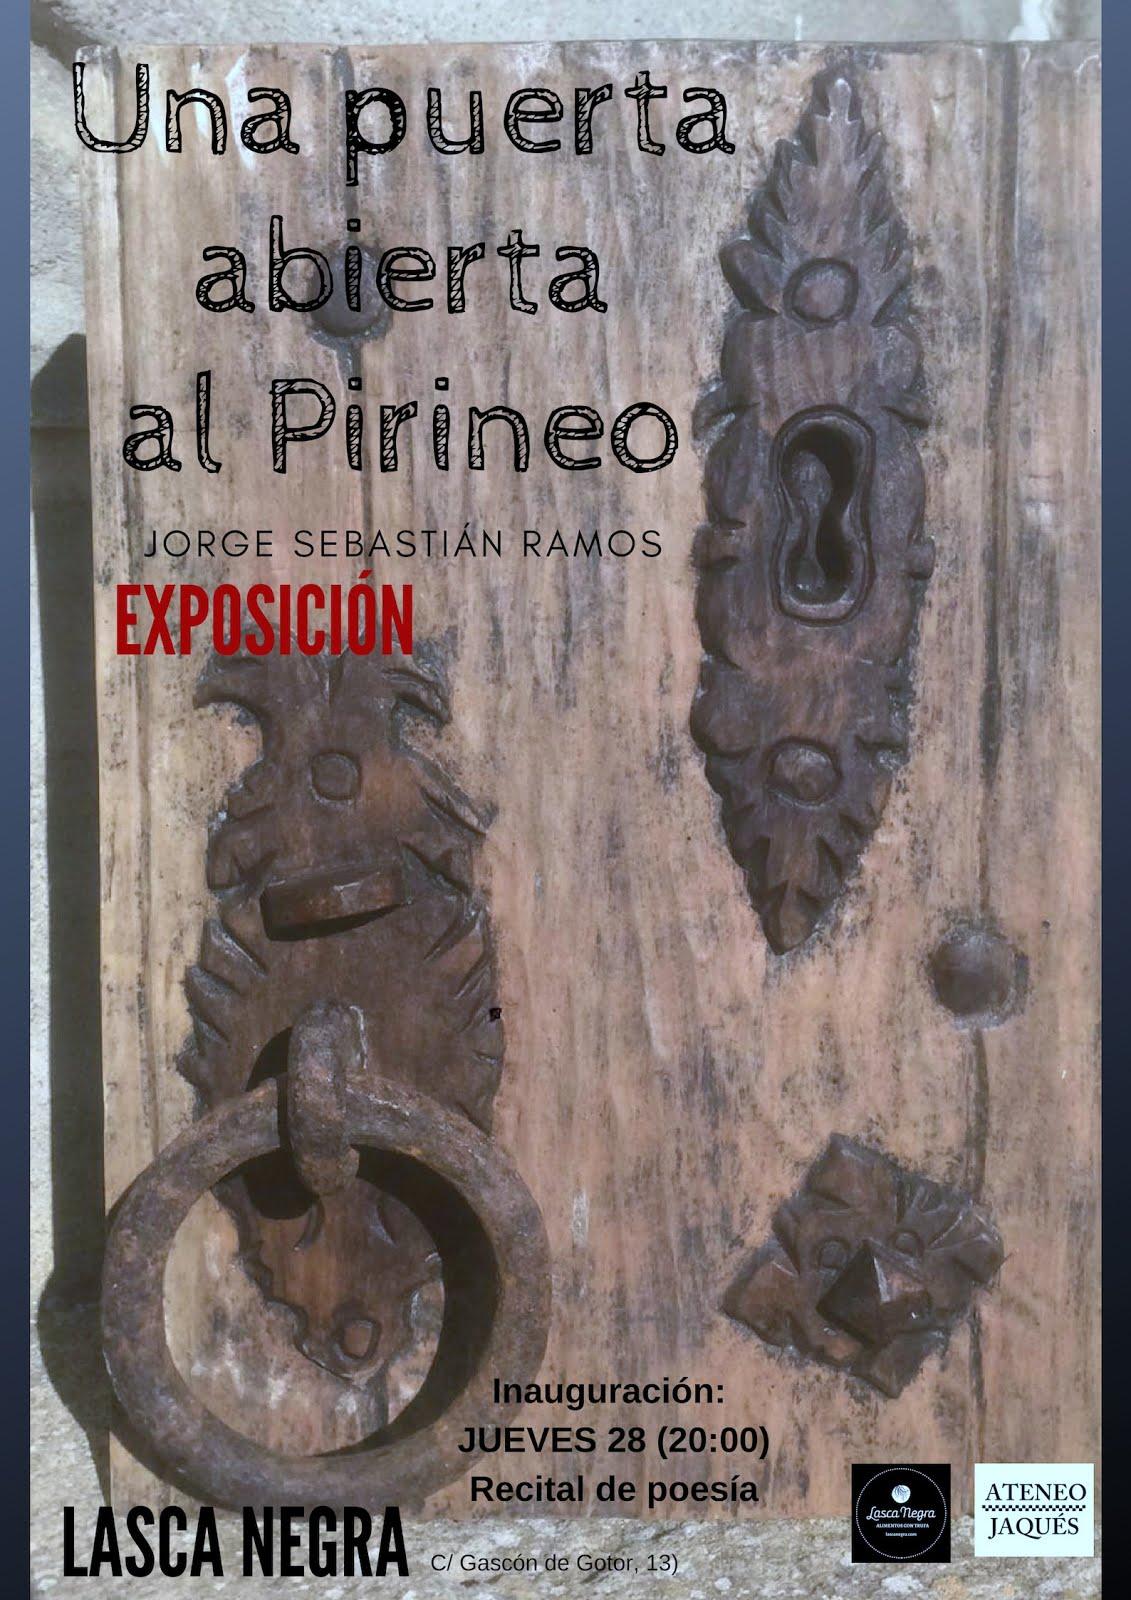 EXPOSICIÓN EN ZARAGOZA: UNA PUERTA ABIERTA AL PIRINEO de Jorge Sebastián Ramos